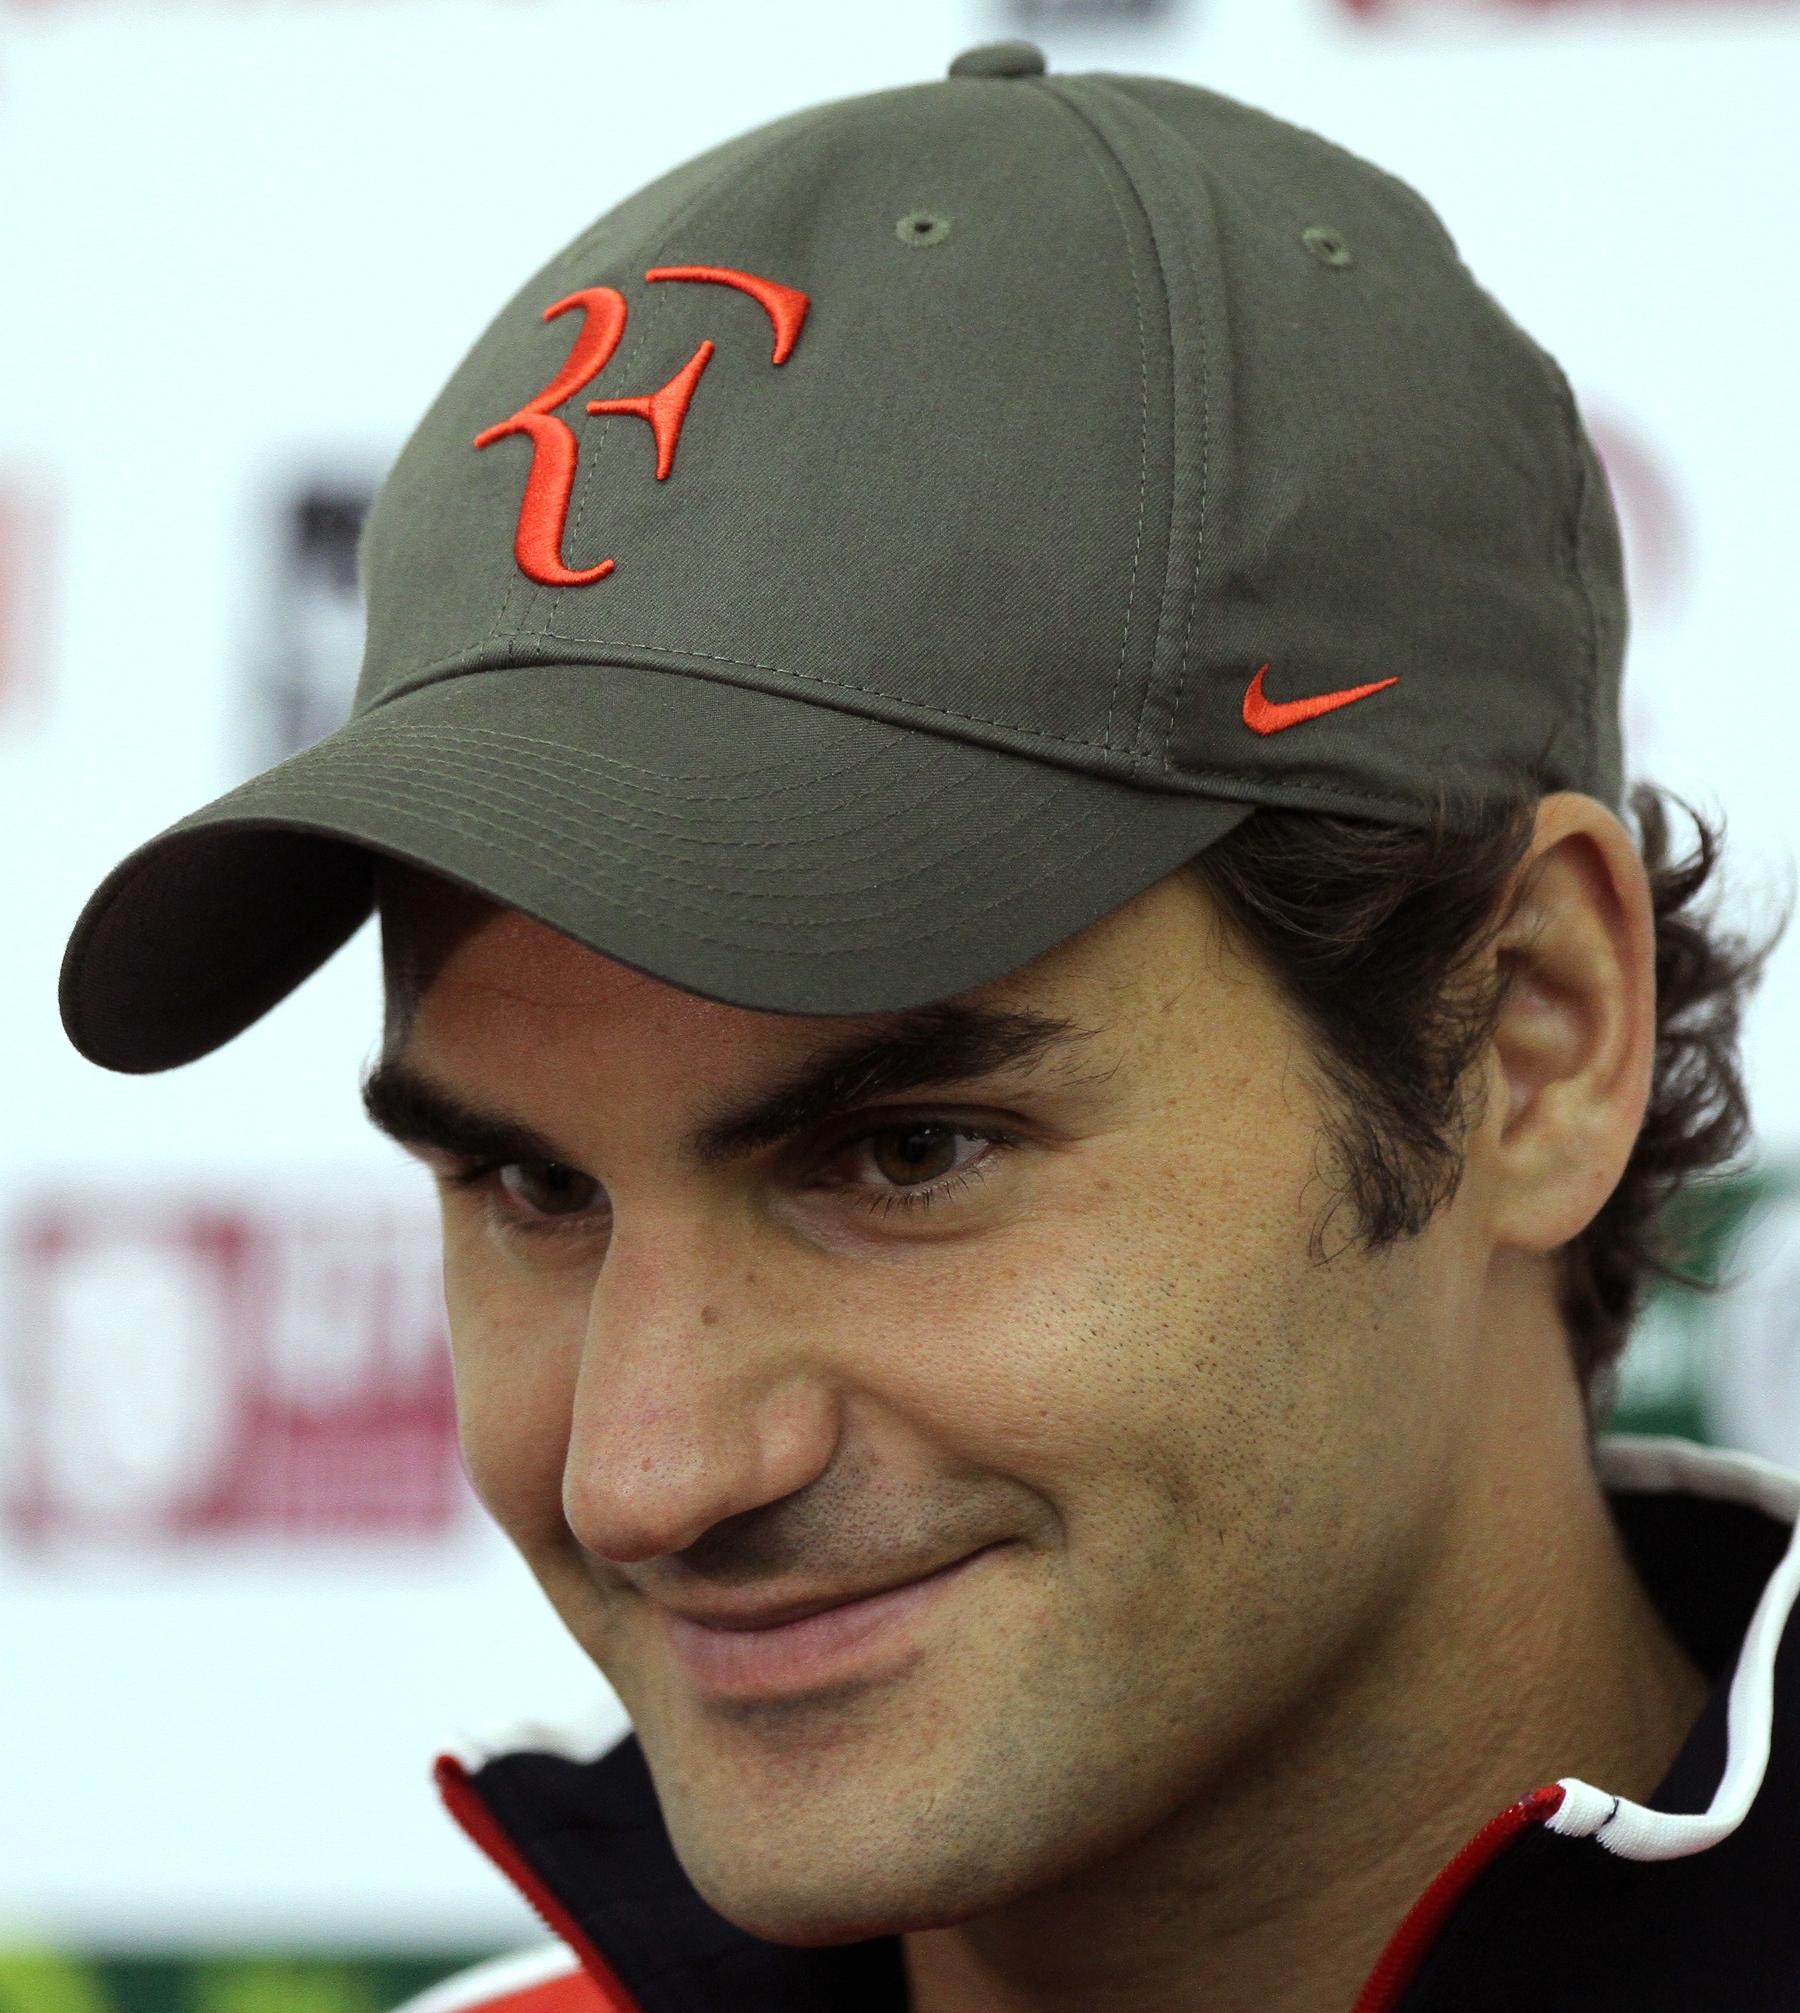 Roger Federer: File:Roger Federer 2012 Doha.jpg